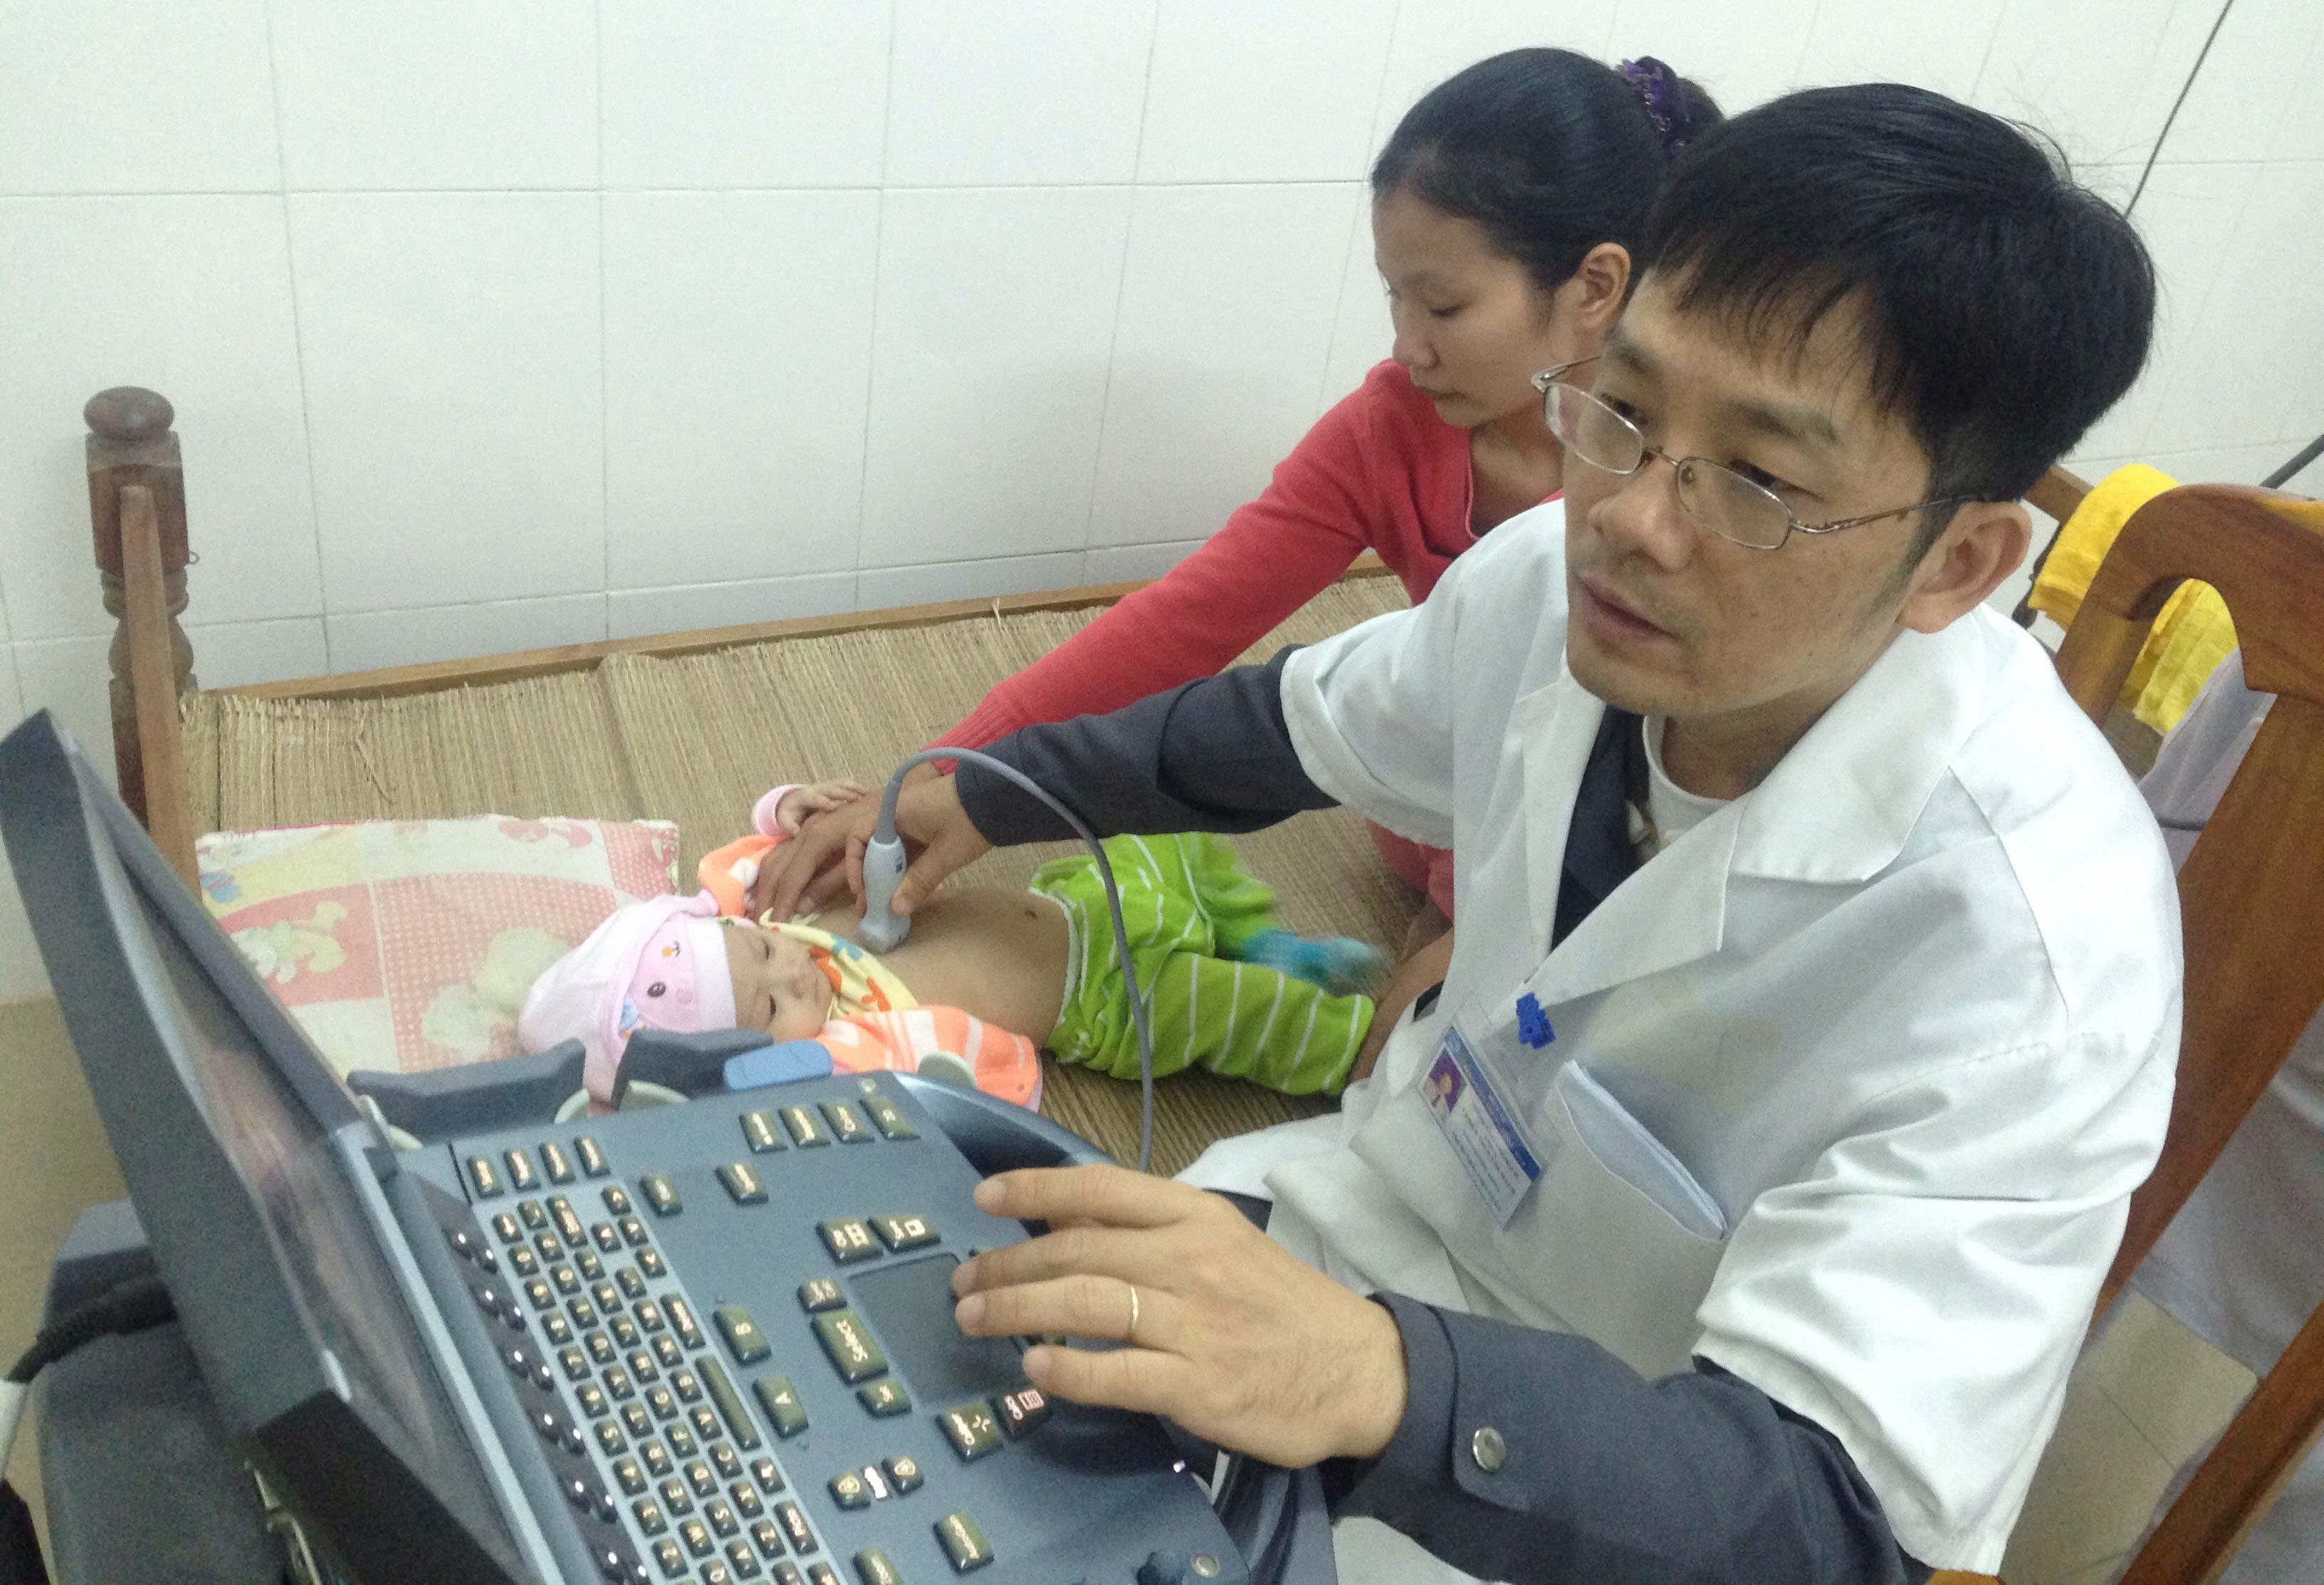 Dịp này, hơn 300 trẻ em được siêu âm chẩn đoán các bệnh về tim. Ảnh: VINH CHÂU